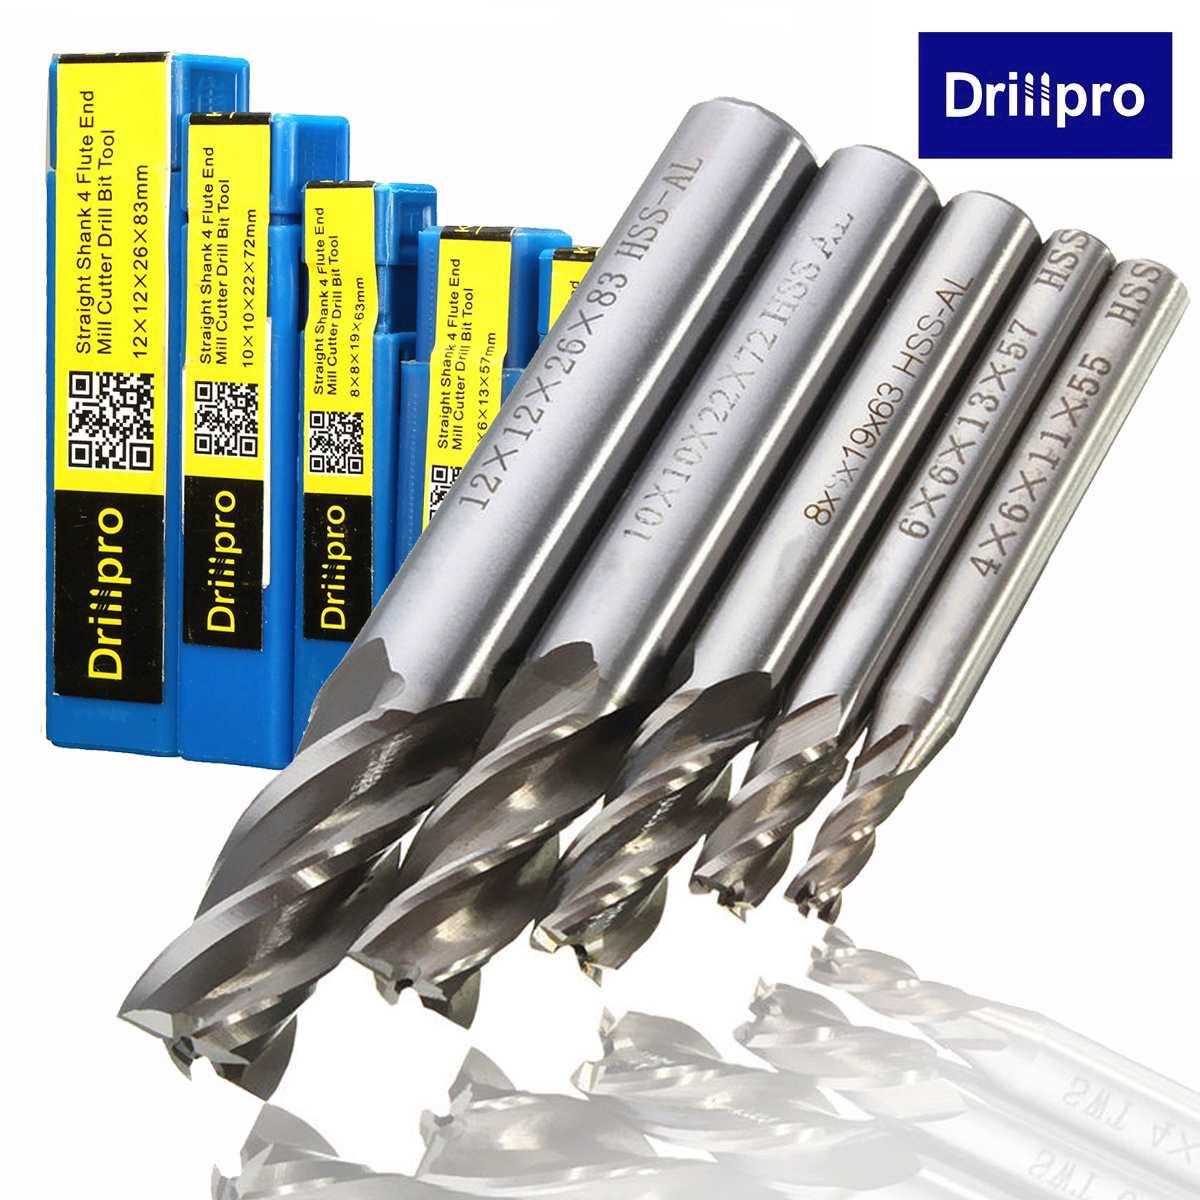 5Pcs HSS-Al CNC 4 Flute End Mill Cutter Drill Bit Milling Tool 4/6/8/10/12mm HSS-AL Drill Bit